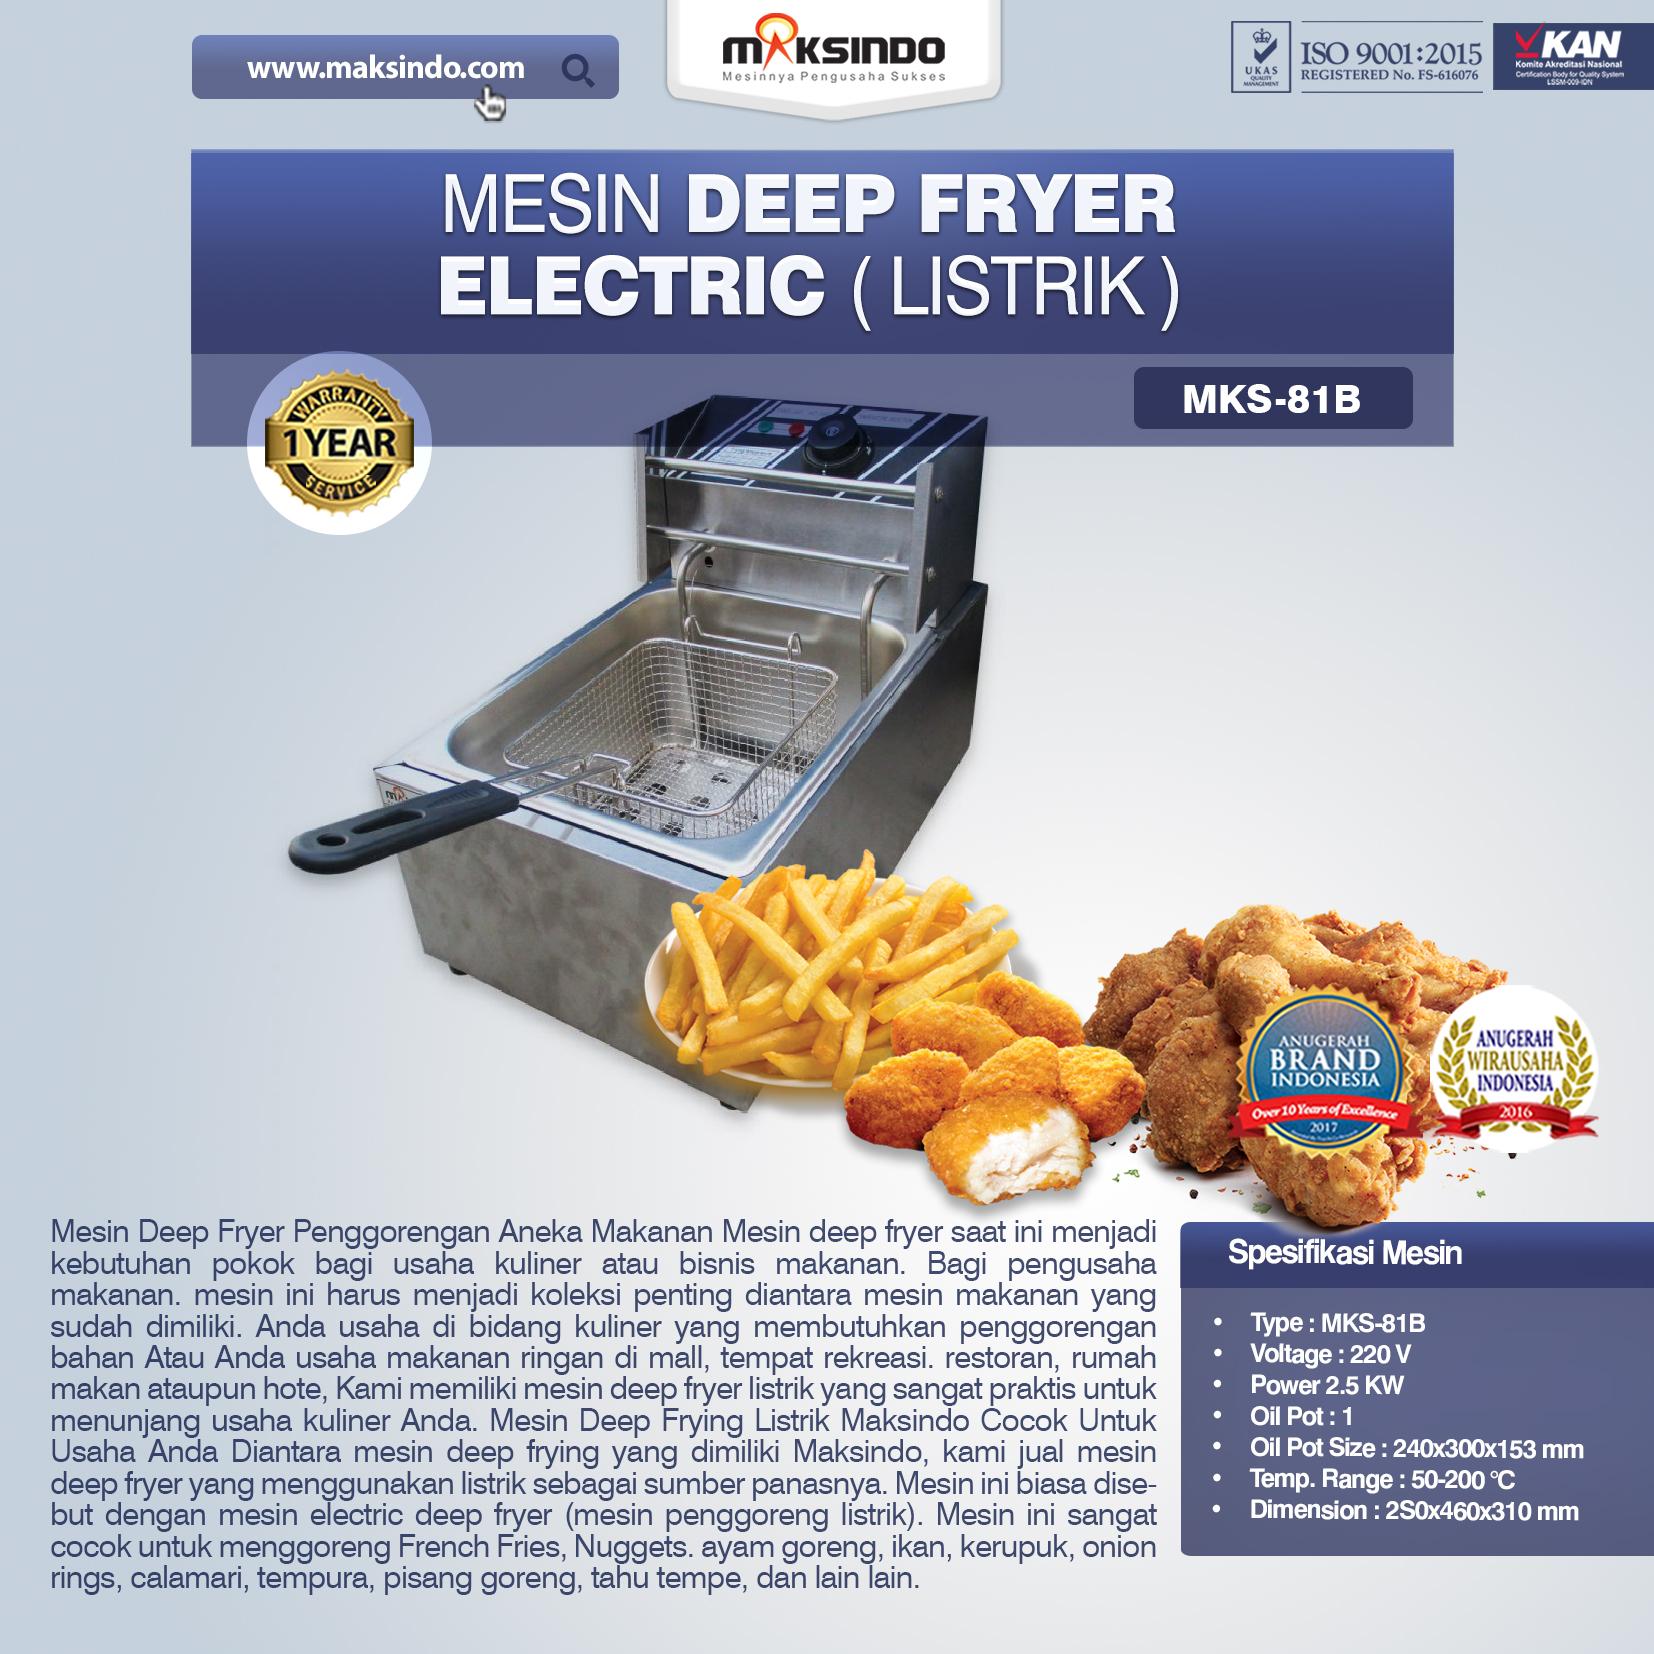 Jual Mesin Deep Fryer Listrik MKS-81B di Mataram